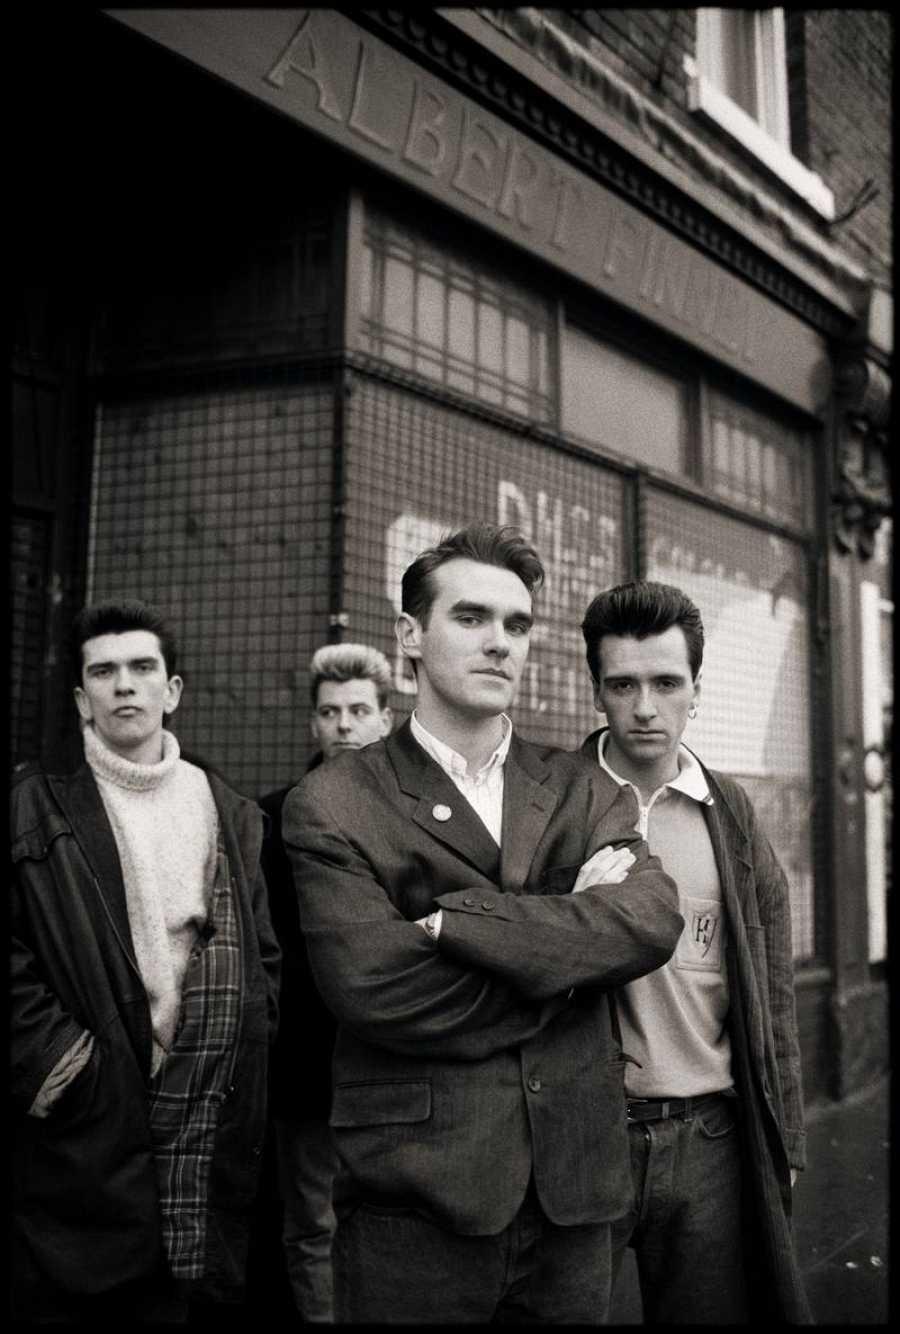 ¿Cuál es tu letra favorita de The Smiths? Contesta y gana un viaje a Manchester